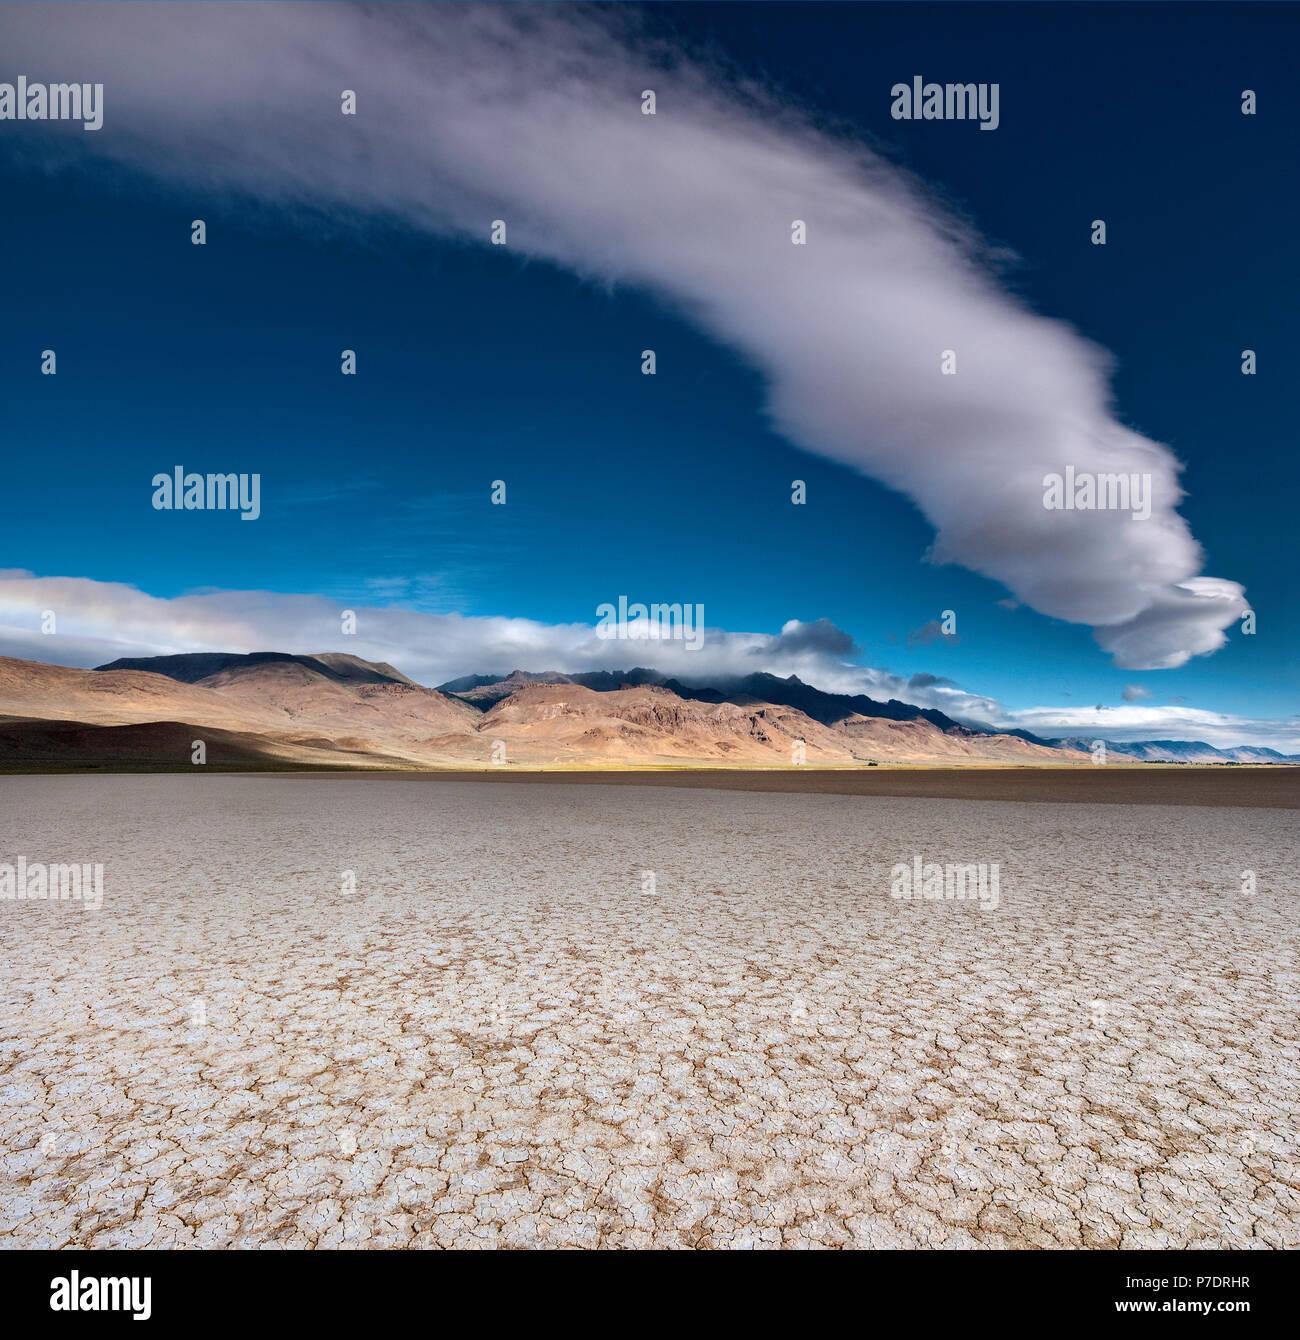 Cúmulos nubosos Lago Alvord más seco y Steens Mountain, Alvord Desierto, parte del Great Basin Desert, Oregón, EE.UU. Imagen De Stock